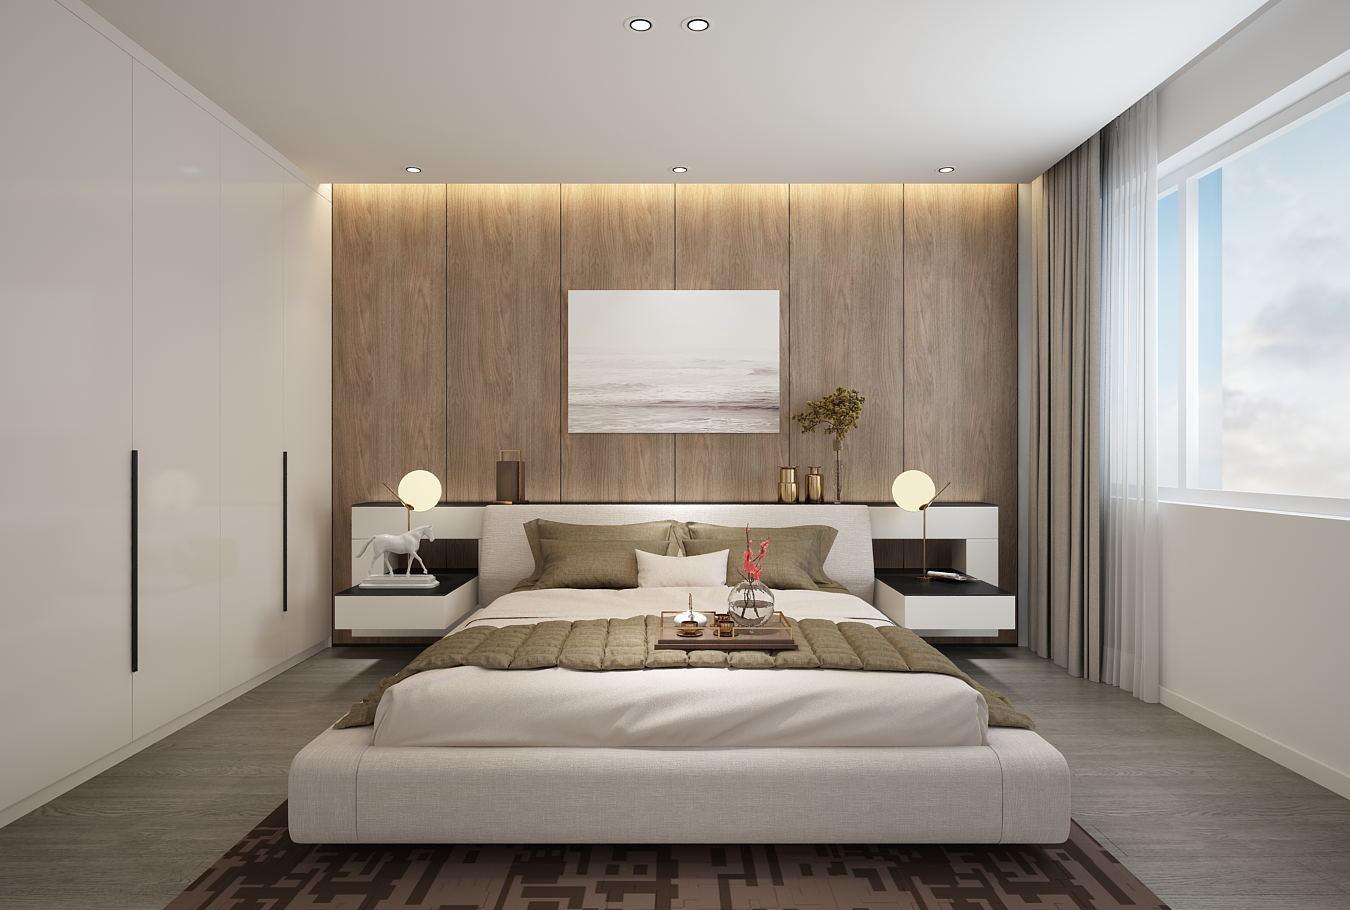 简约 三居 白领 80后 卧室图片来自山东济南尚舍别墅装饰在邦泰绿苑的分享